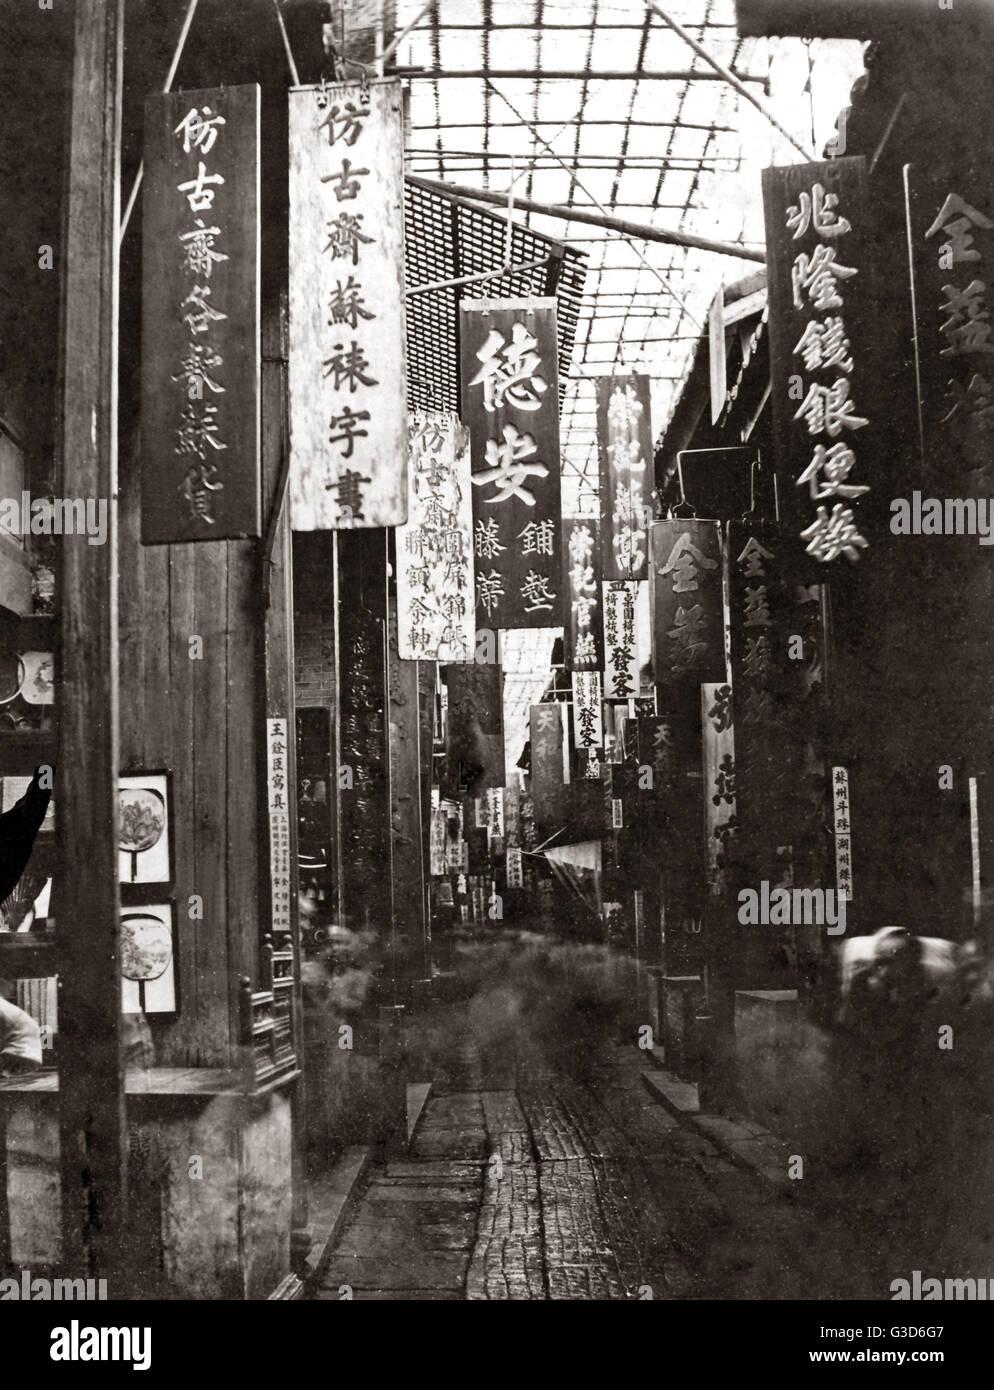 Stret de la paix céleste, Canton (Guangzhou) Chine, vers 1890. Date: vers 1890 Photo Stock